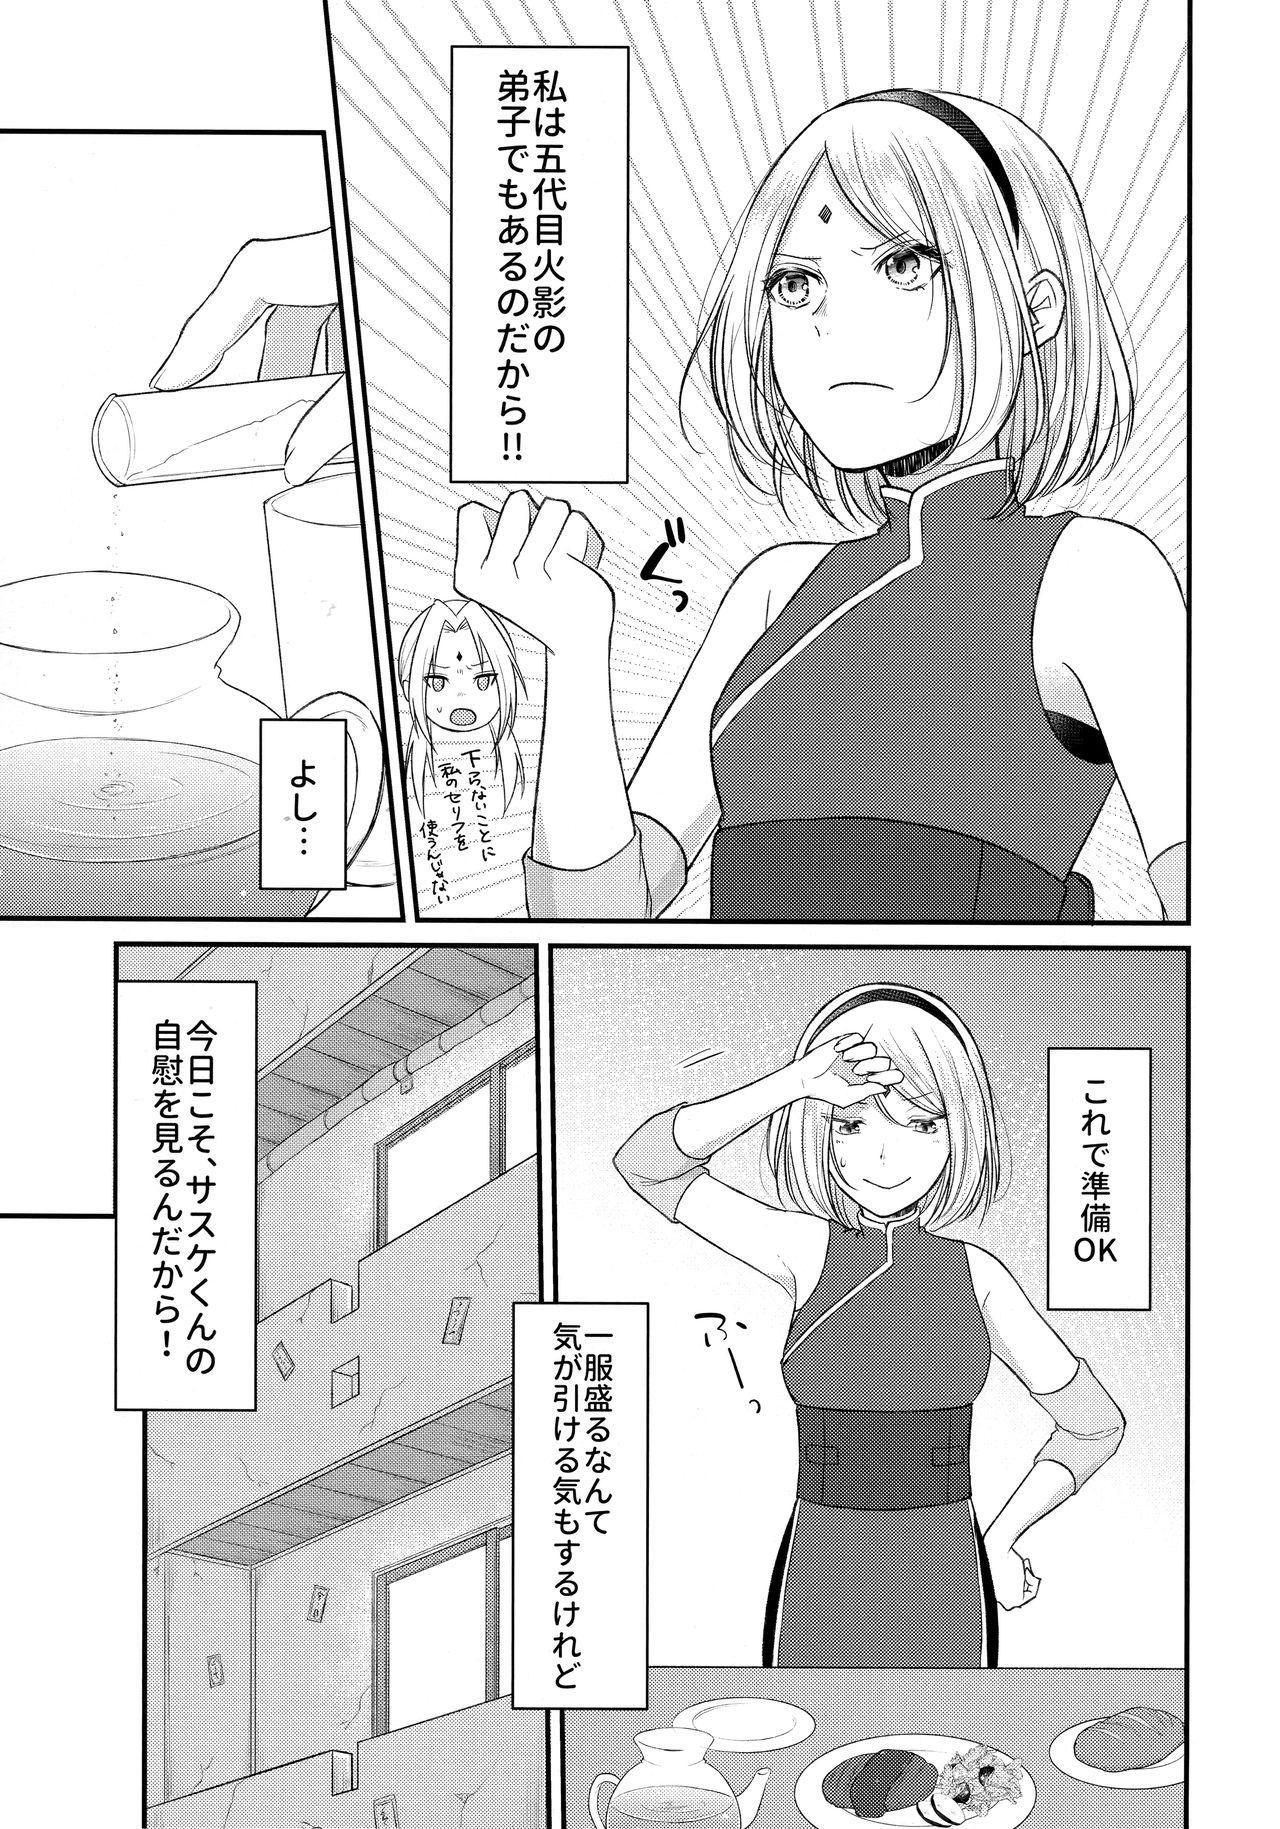 Koukishin wa Neko o Korosu 5